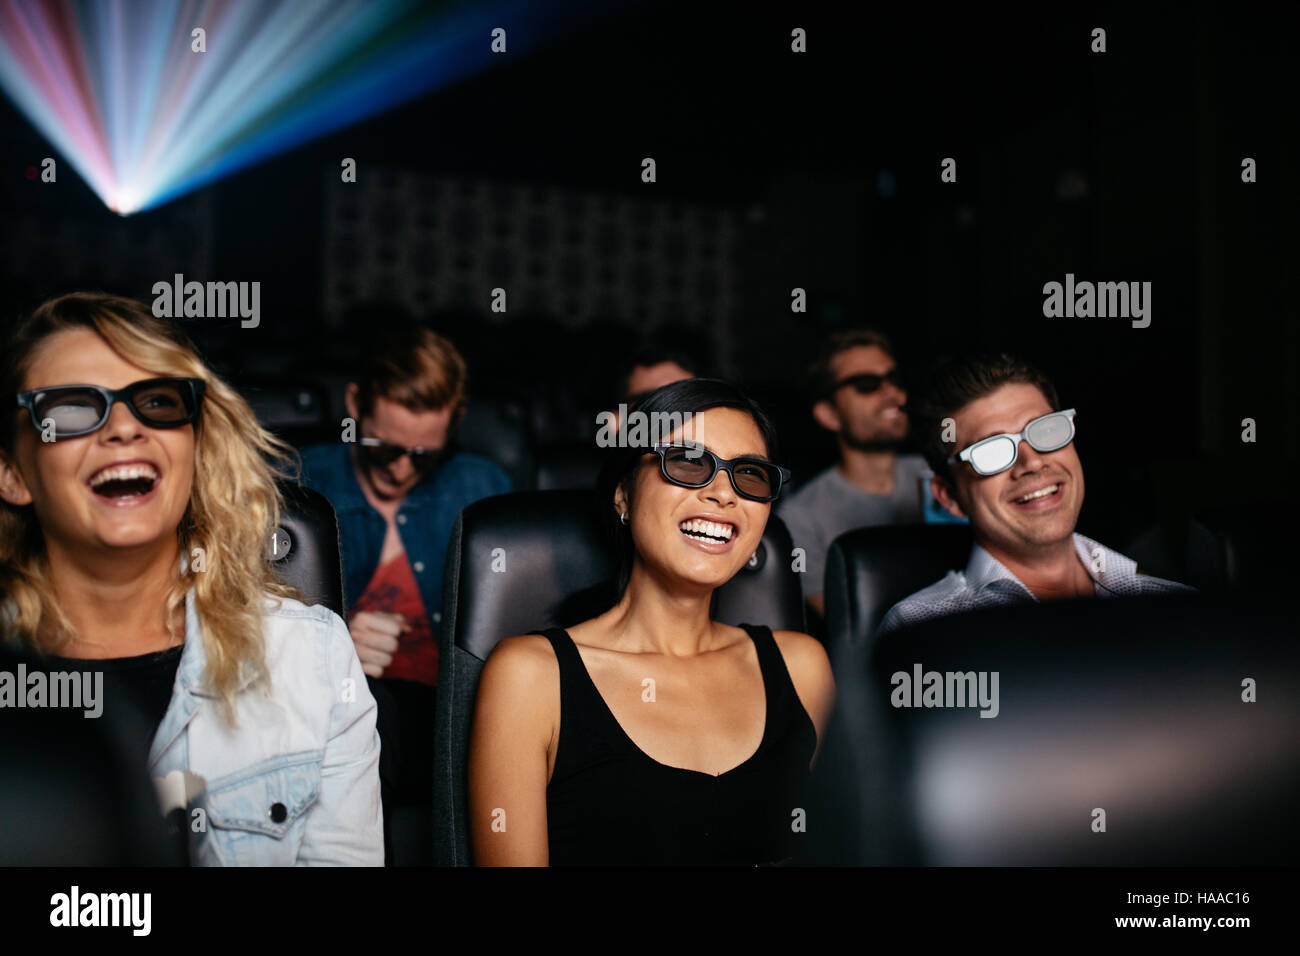 Gruppe von jungen Freunden 3d Film im Theater und lachen. Junge Männer und Frauen mit 3d Brille im Kinosaal. Stockbild